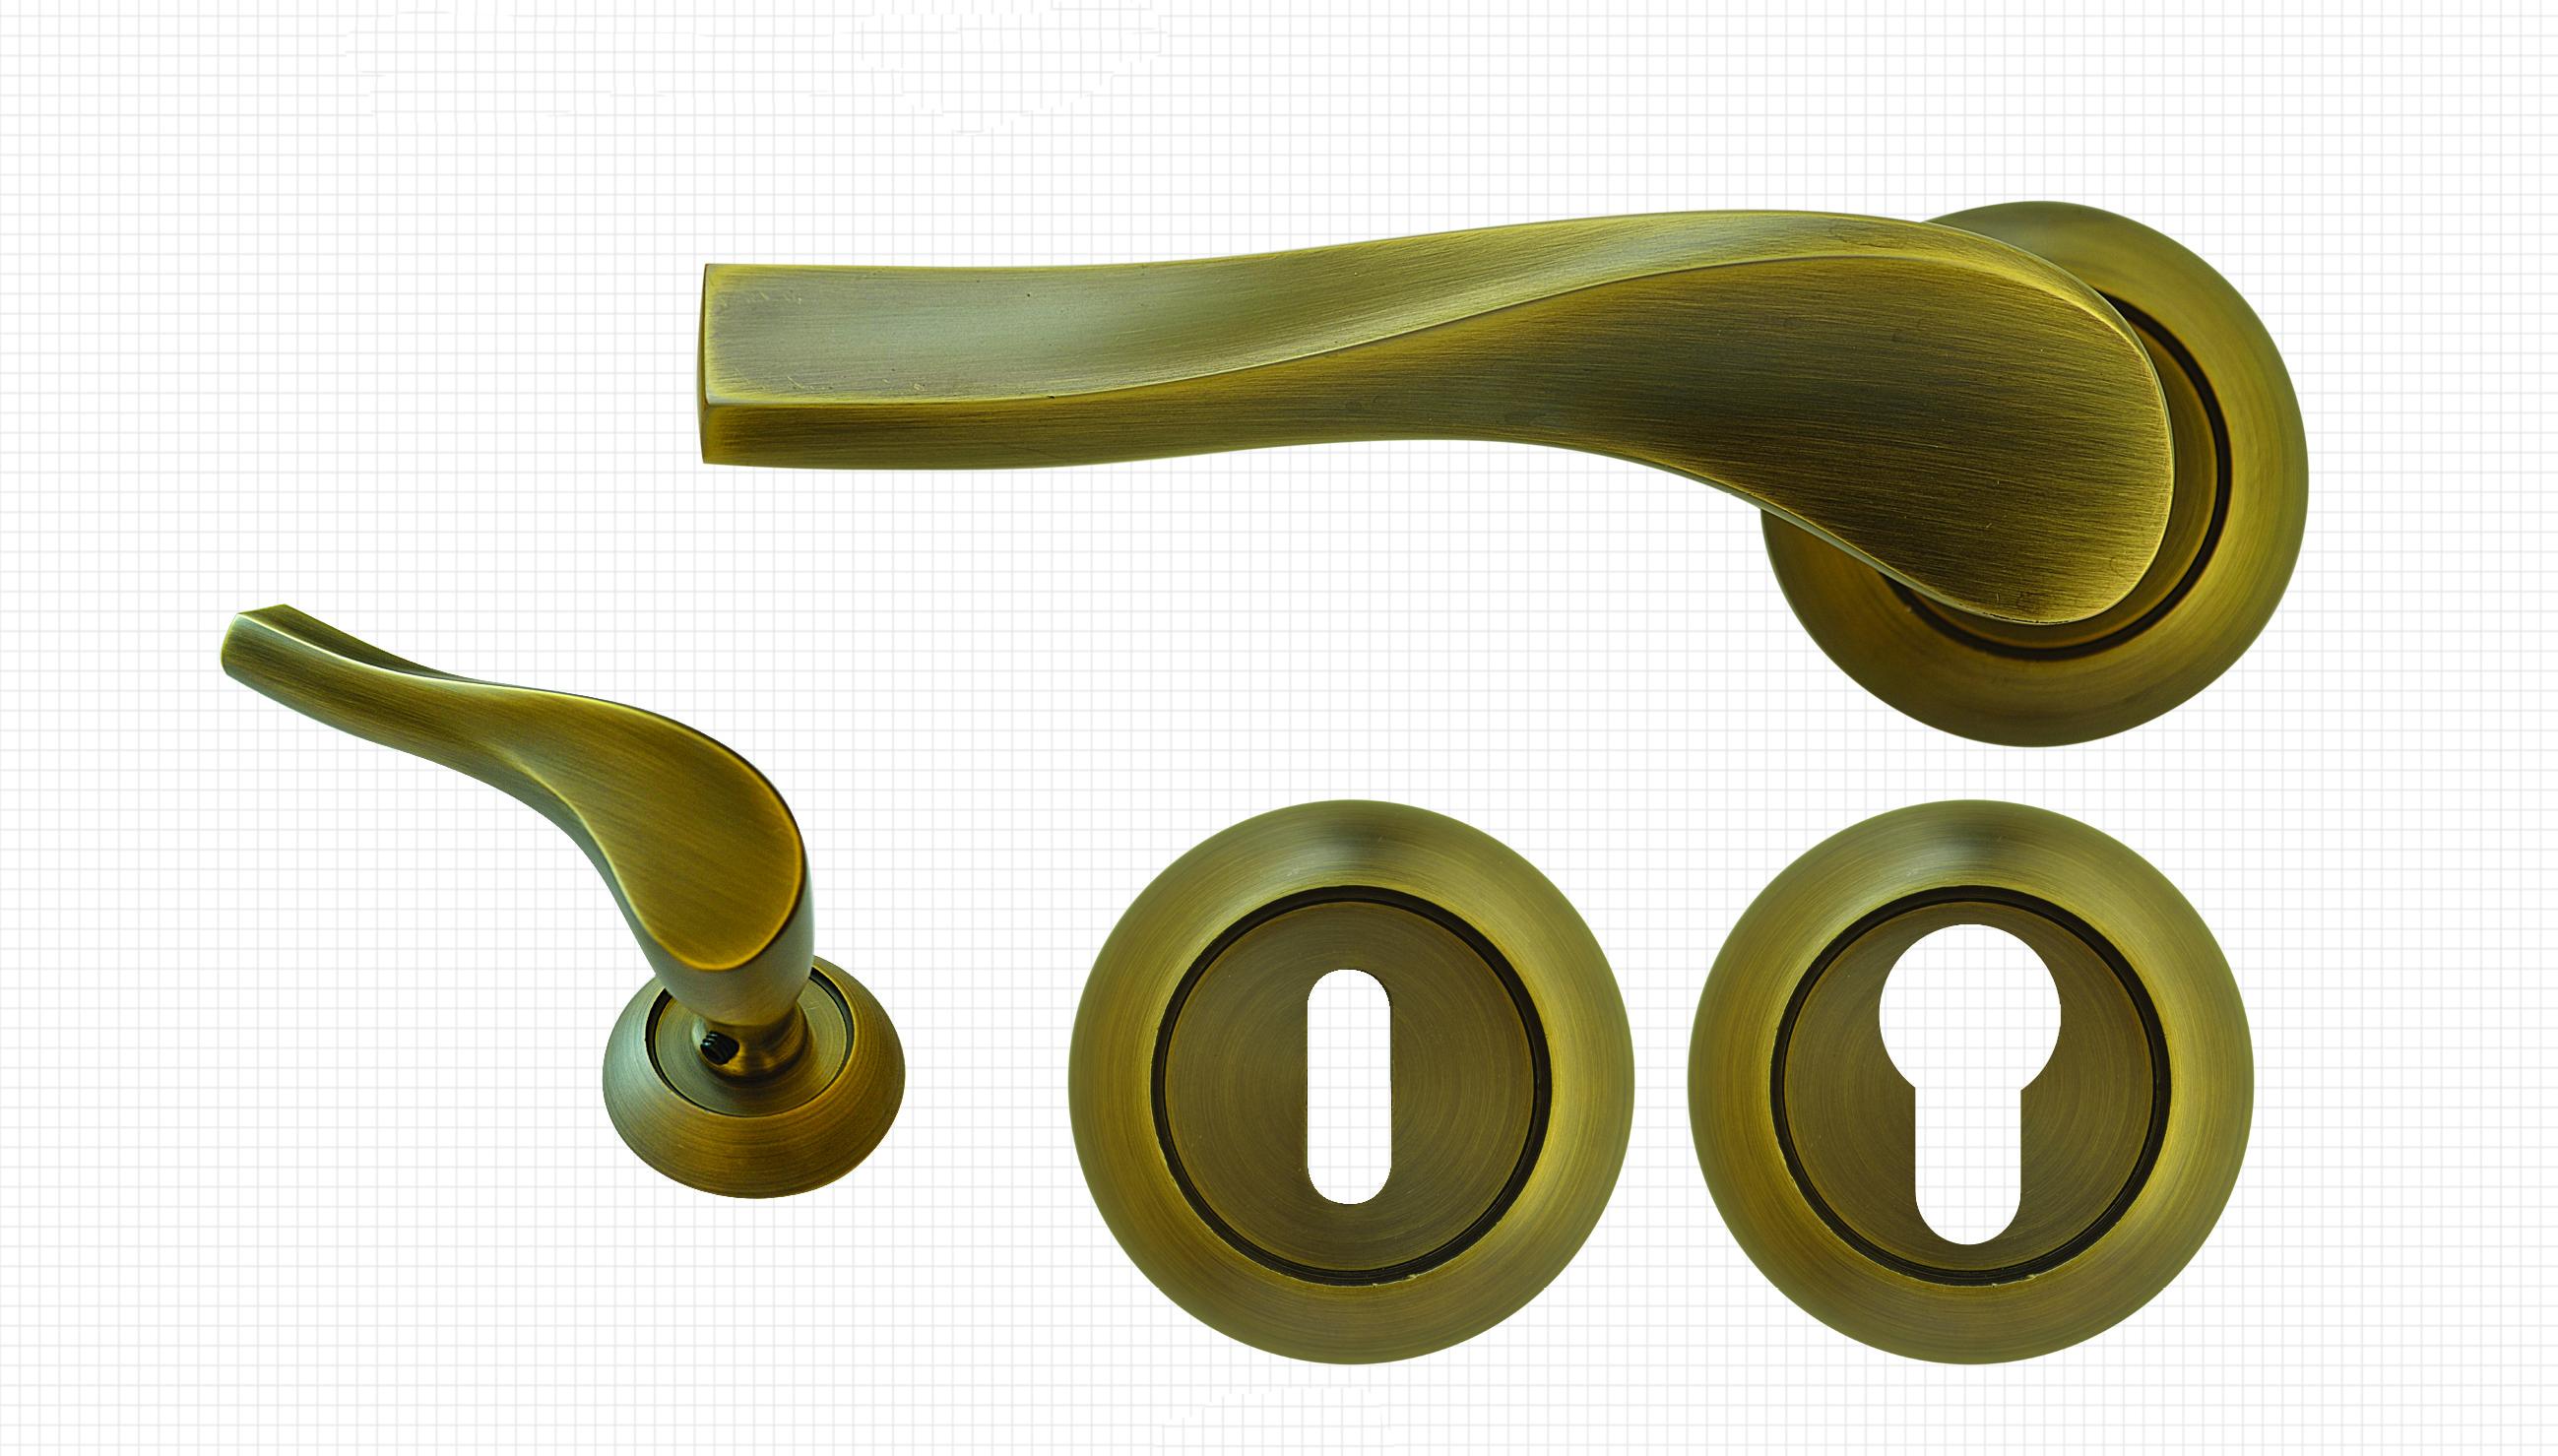 60099 ΑΝΤΙΚΕ